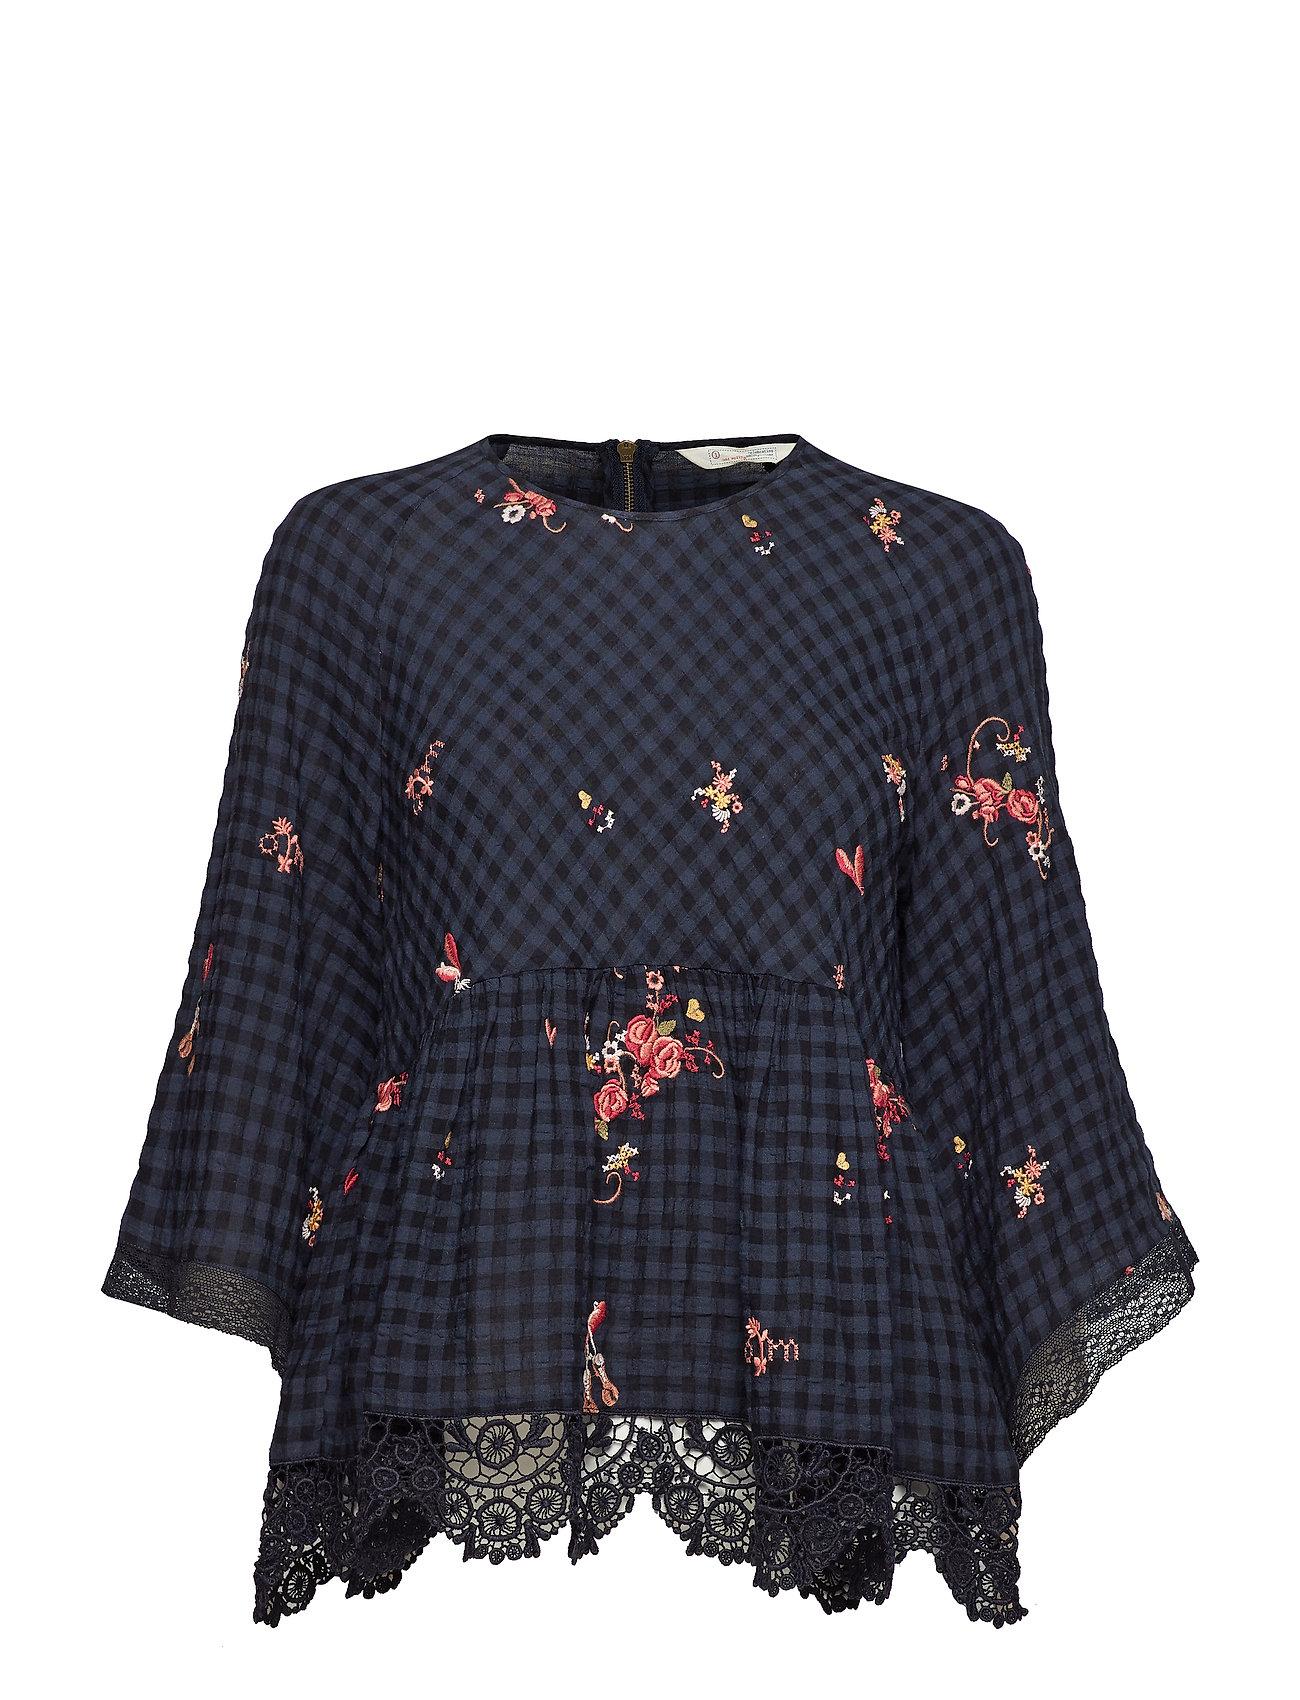 ODD MOLLY emb sapcerosas blouse roundnec Ögrönlar